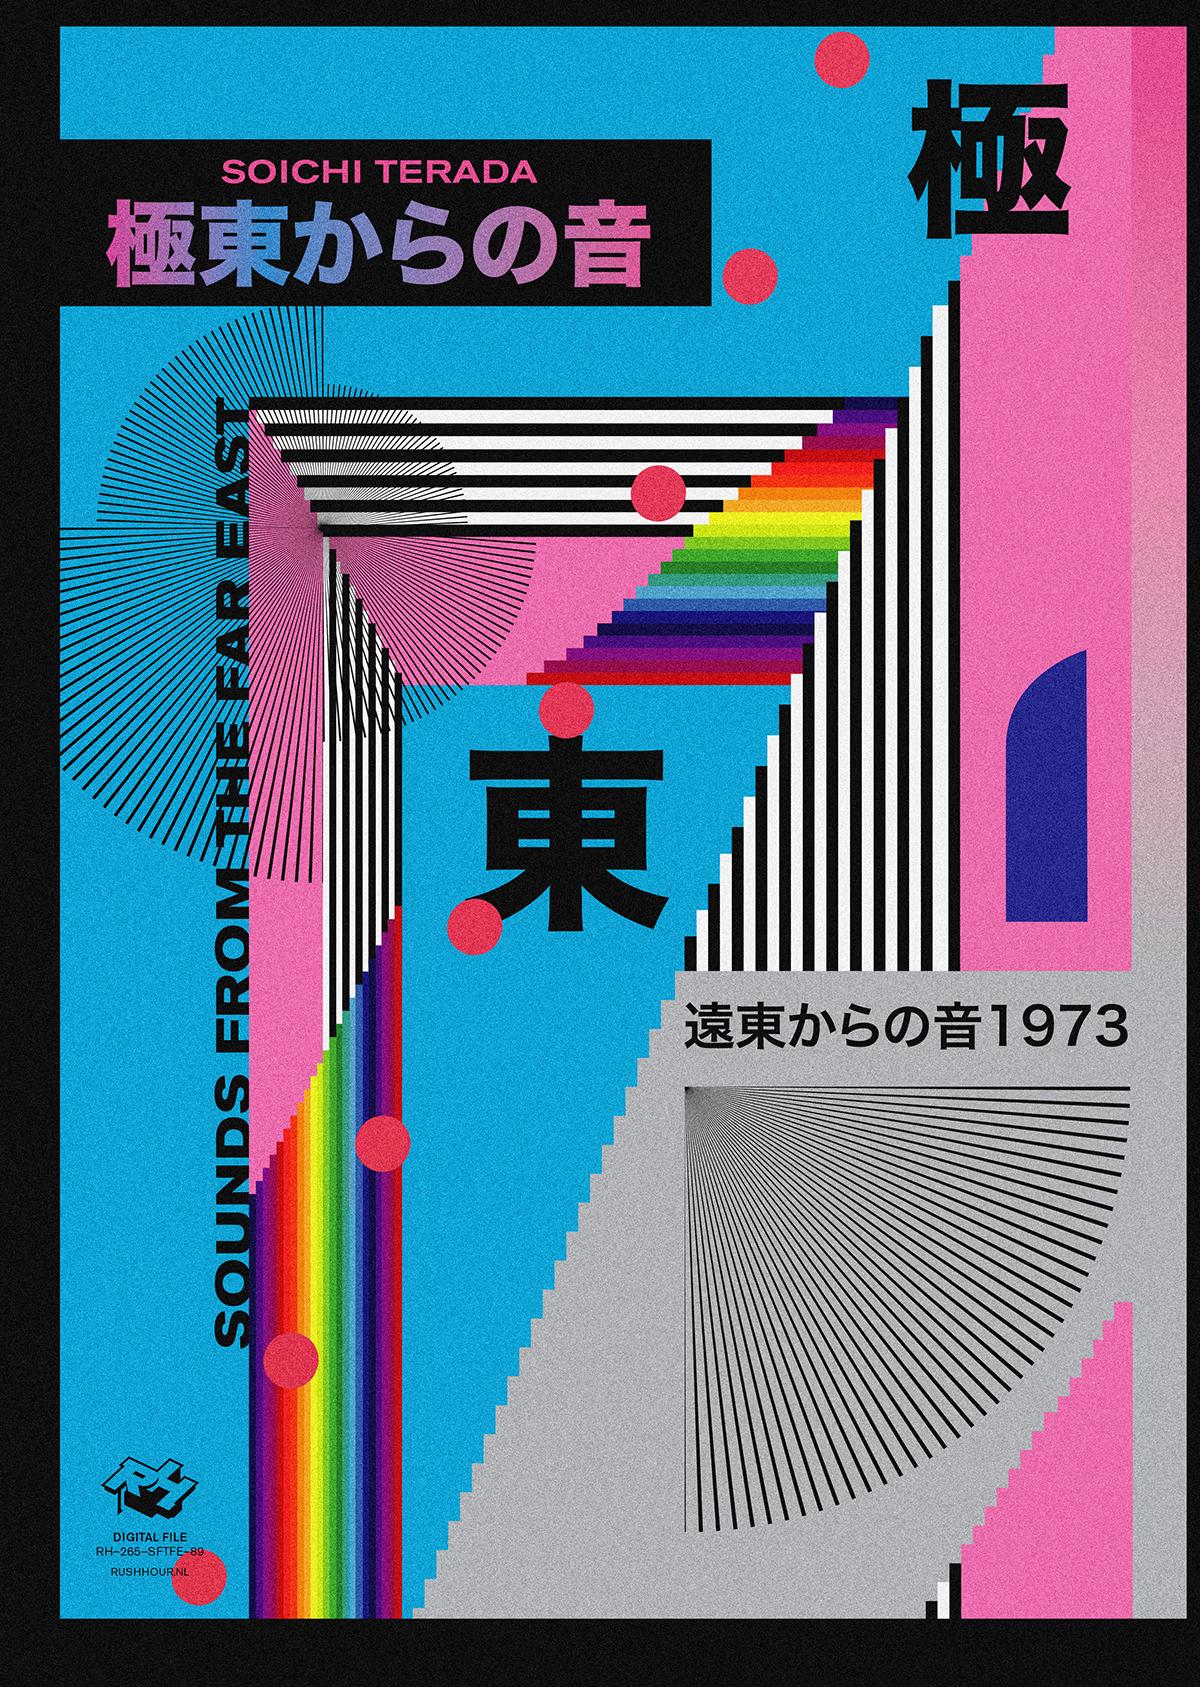 packaging design music design electronic music vinyl design album artwork contemporary design Japanese Graphic Design